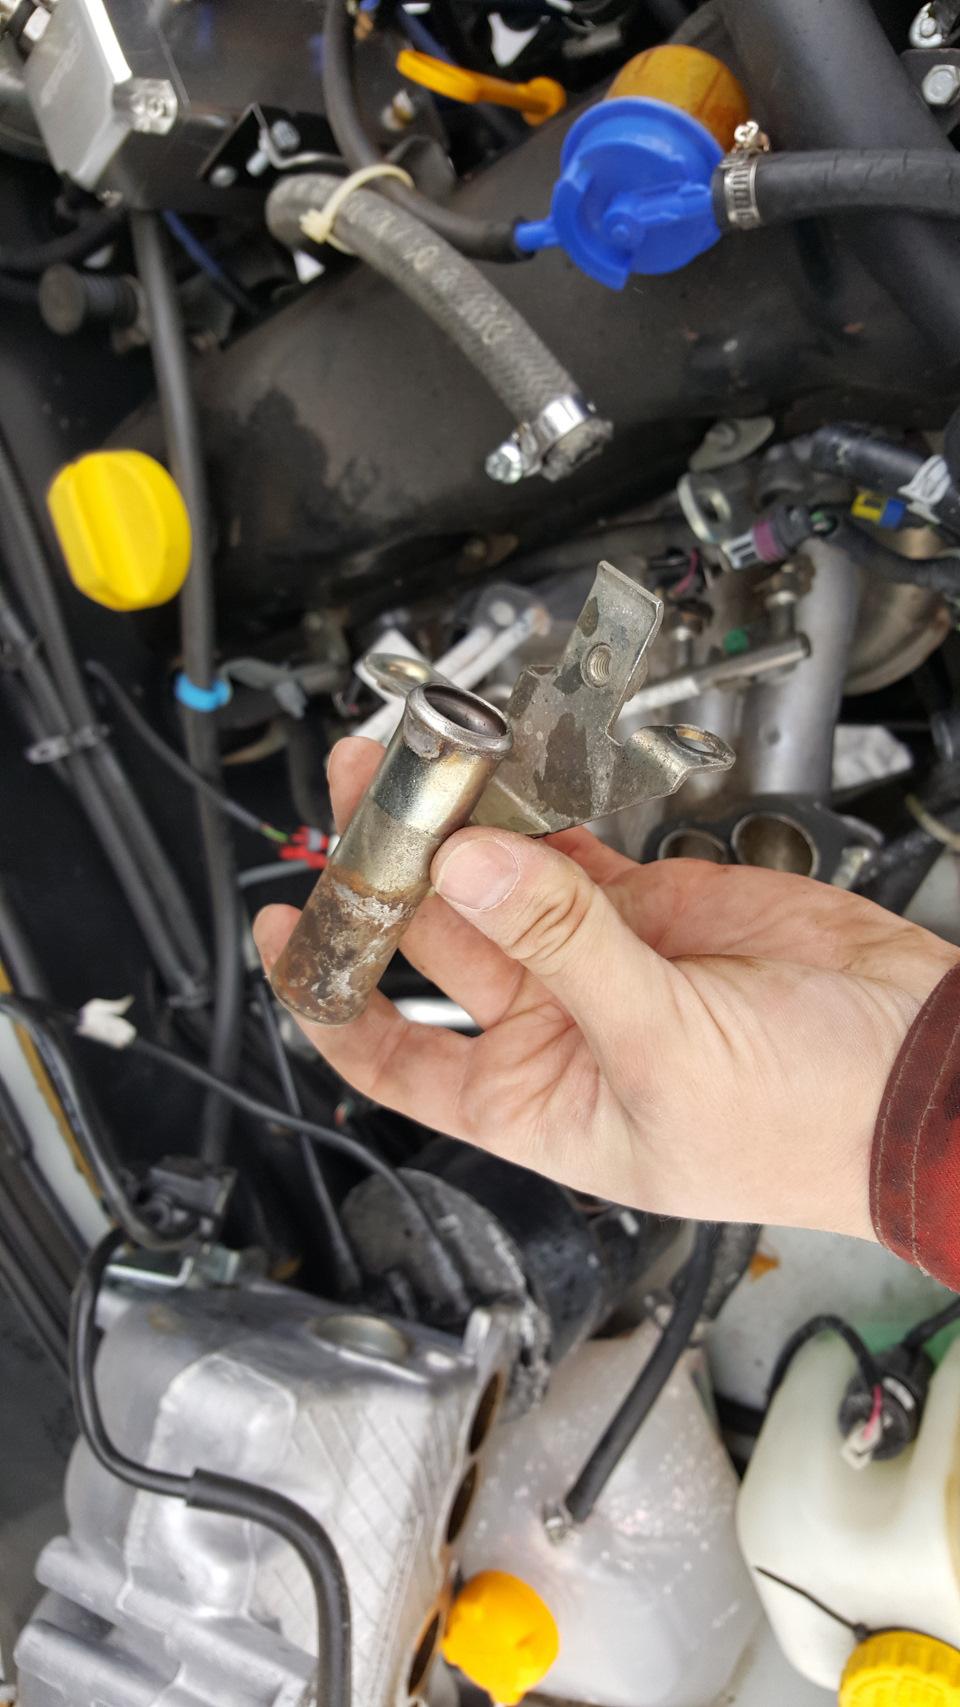 ac10625s 960 - Установка подогревателя с помпой на шевроле нива